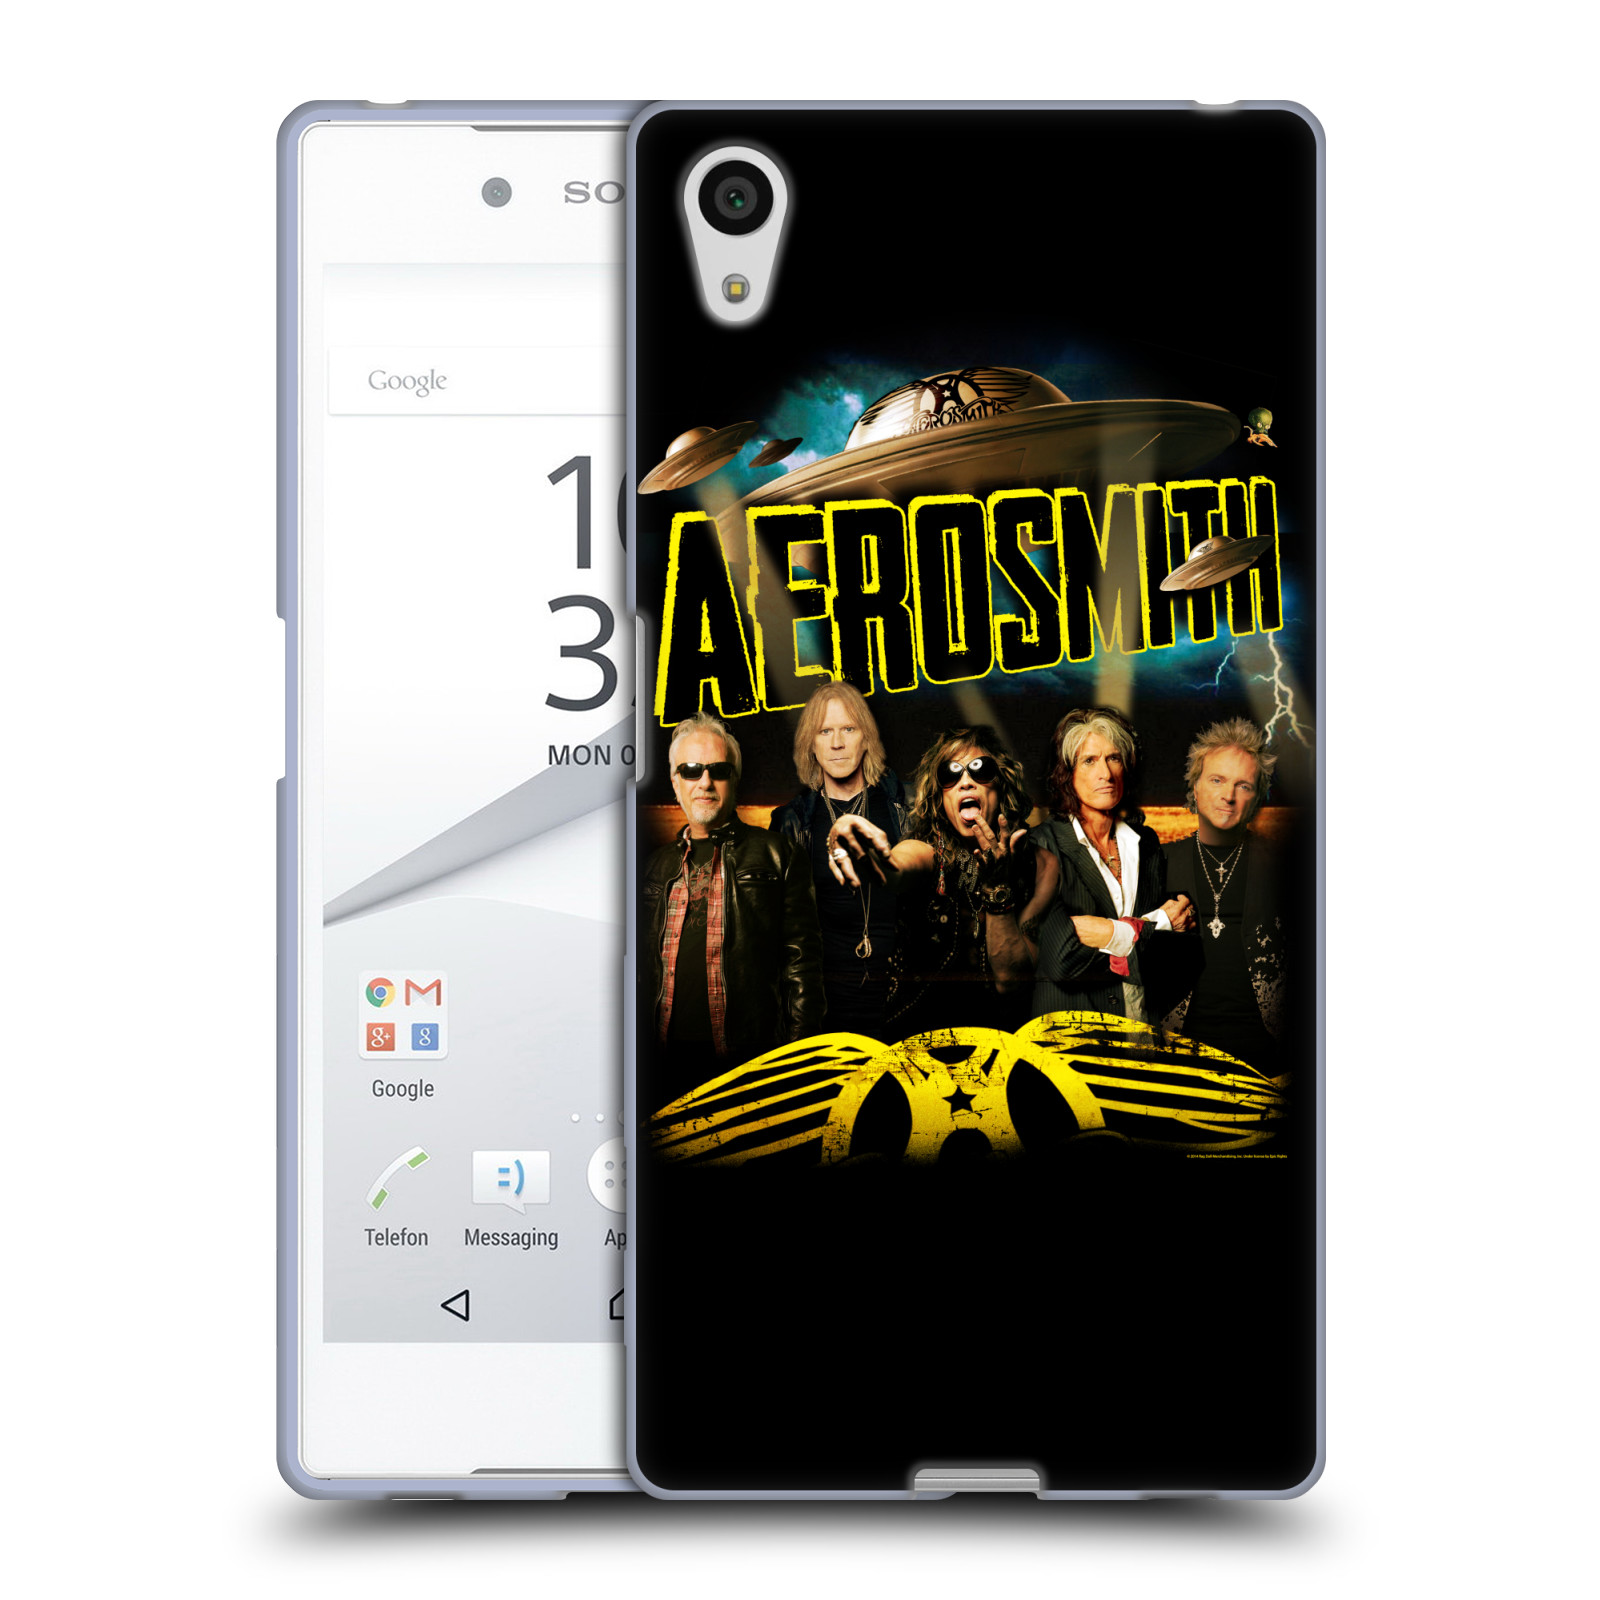 Silikonové pouzdro na mobil Sony Xperia Z5 HEAD CASE - Aerosmith - Global Warming (Silikonový kryt či obal na mobilní telefon s licencovaným motivem Aerosmith pro Sony Xperia Z5 E6653)